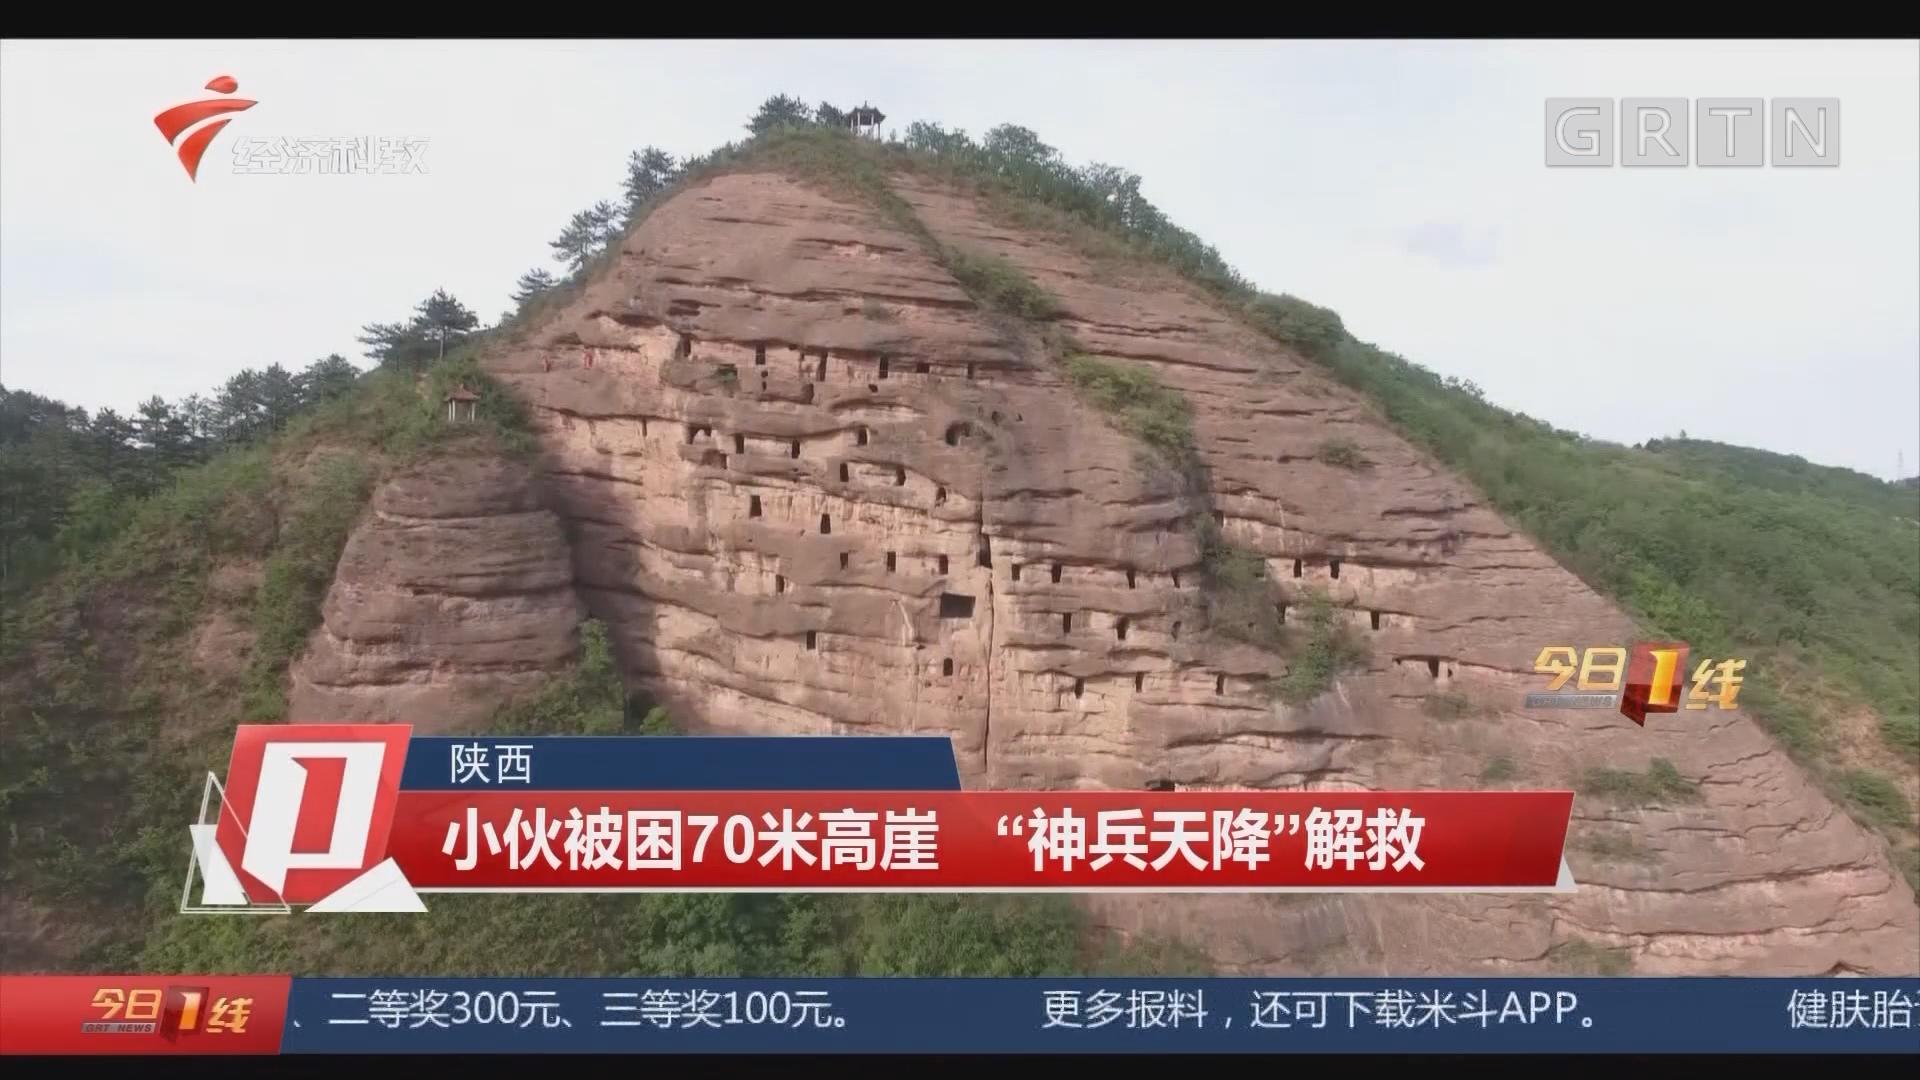 """陕西:小伙被困70米高崖 """"神兵天降""""解救"""